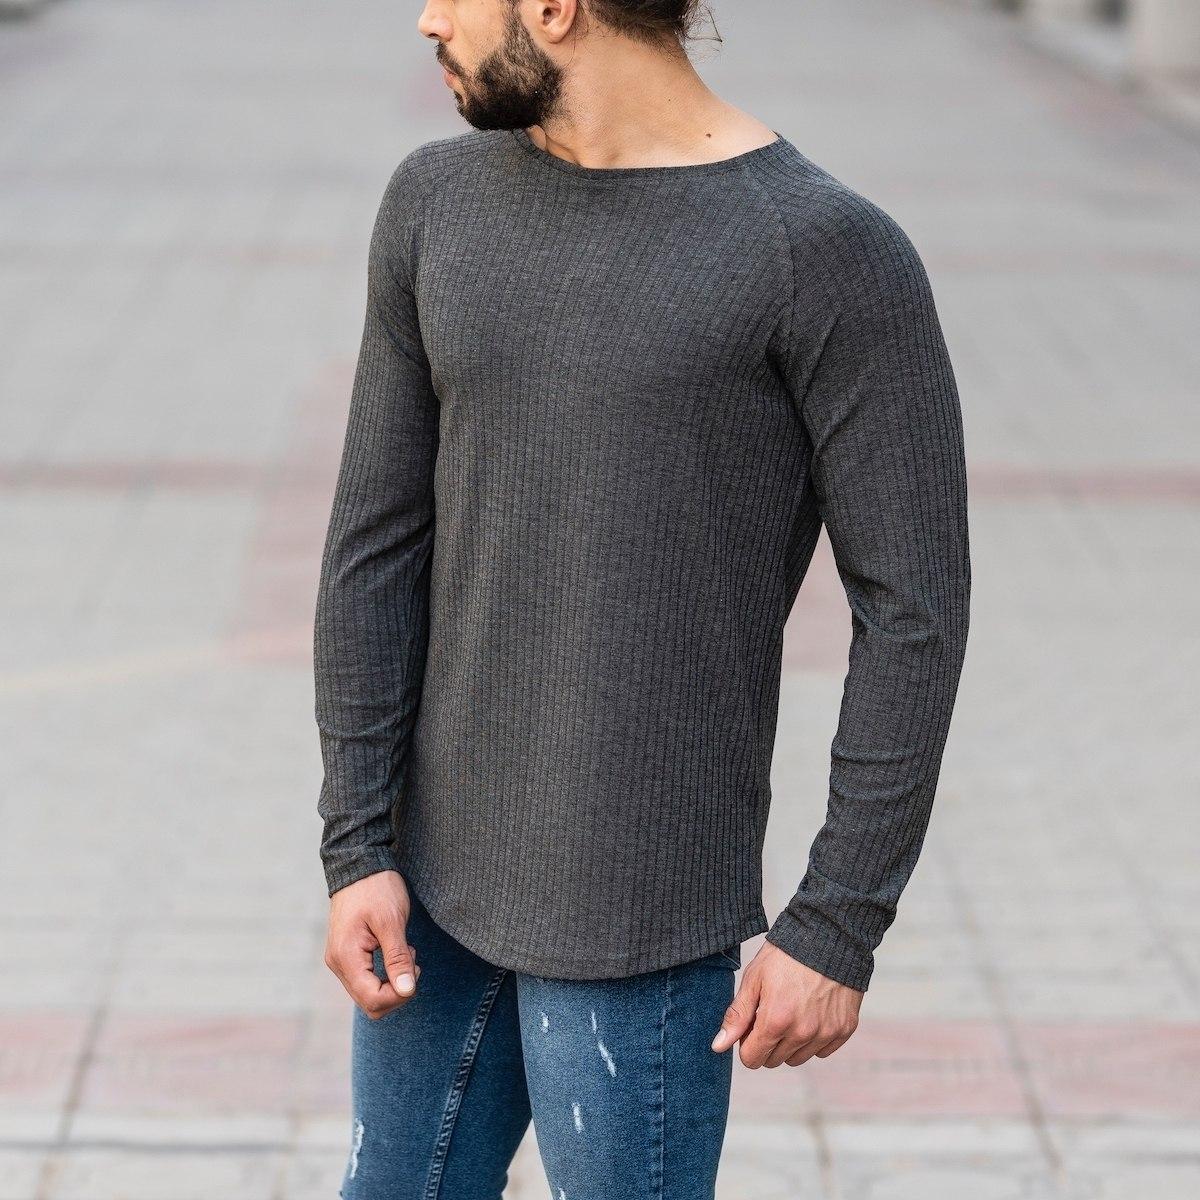 Gray Sweatshirt With Stripe Details Mv Premium Brand - 3